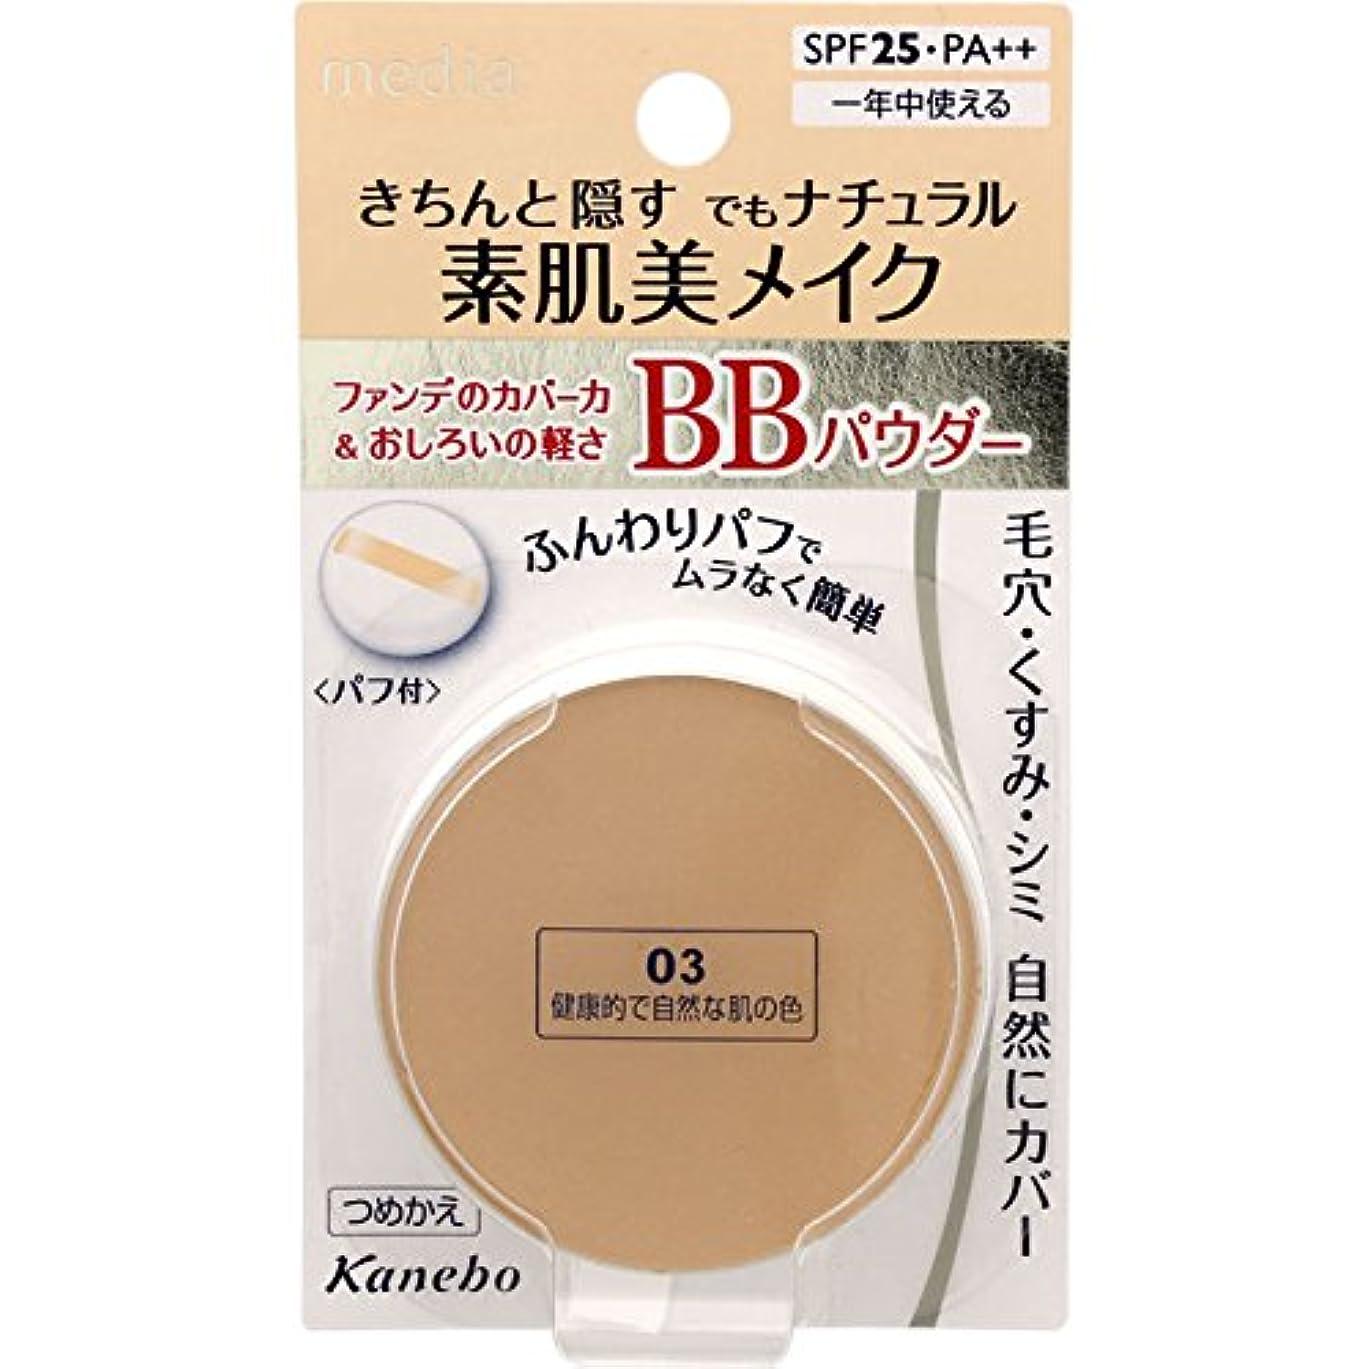 私達サイレントクッションメディアBBパウダー03(健康的で自然な肌の色)×5